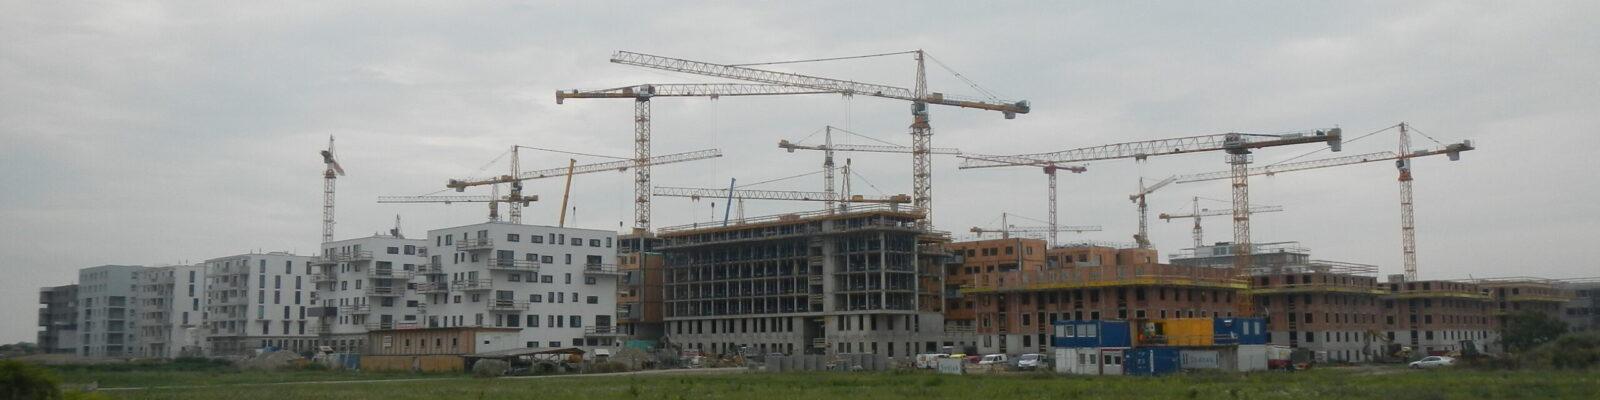 Slimmere bouwlogistiek in de stad